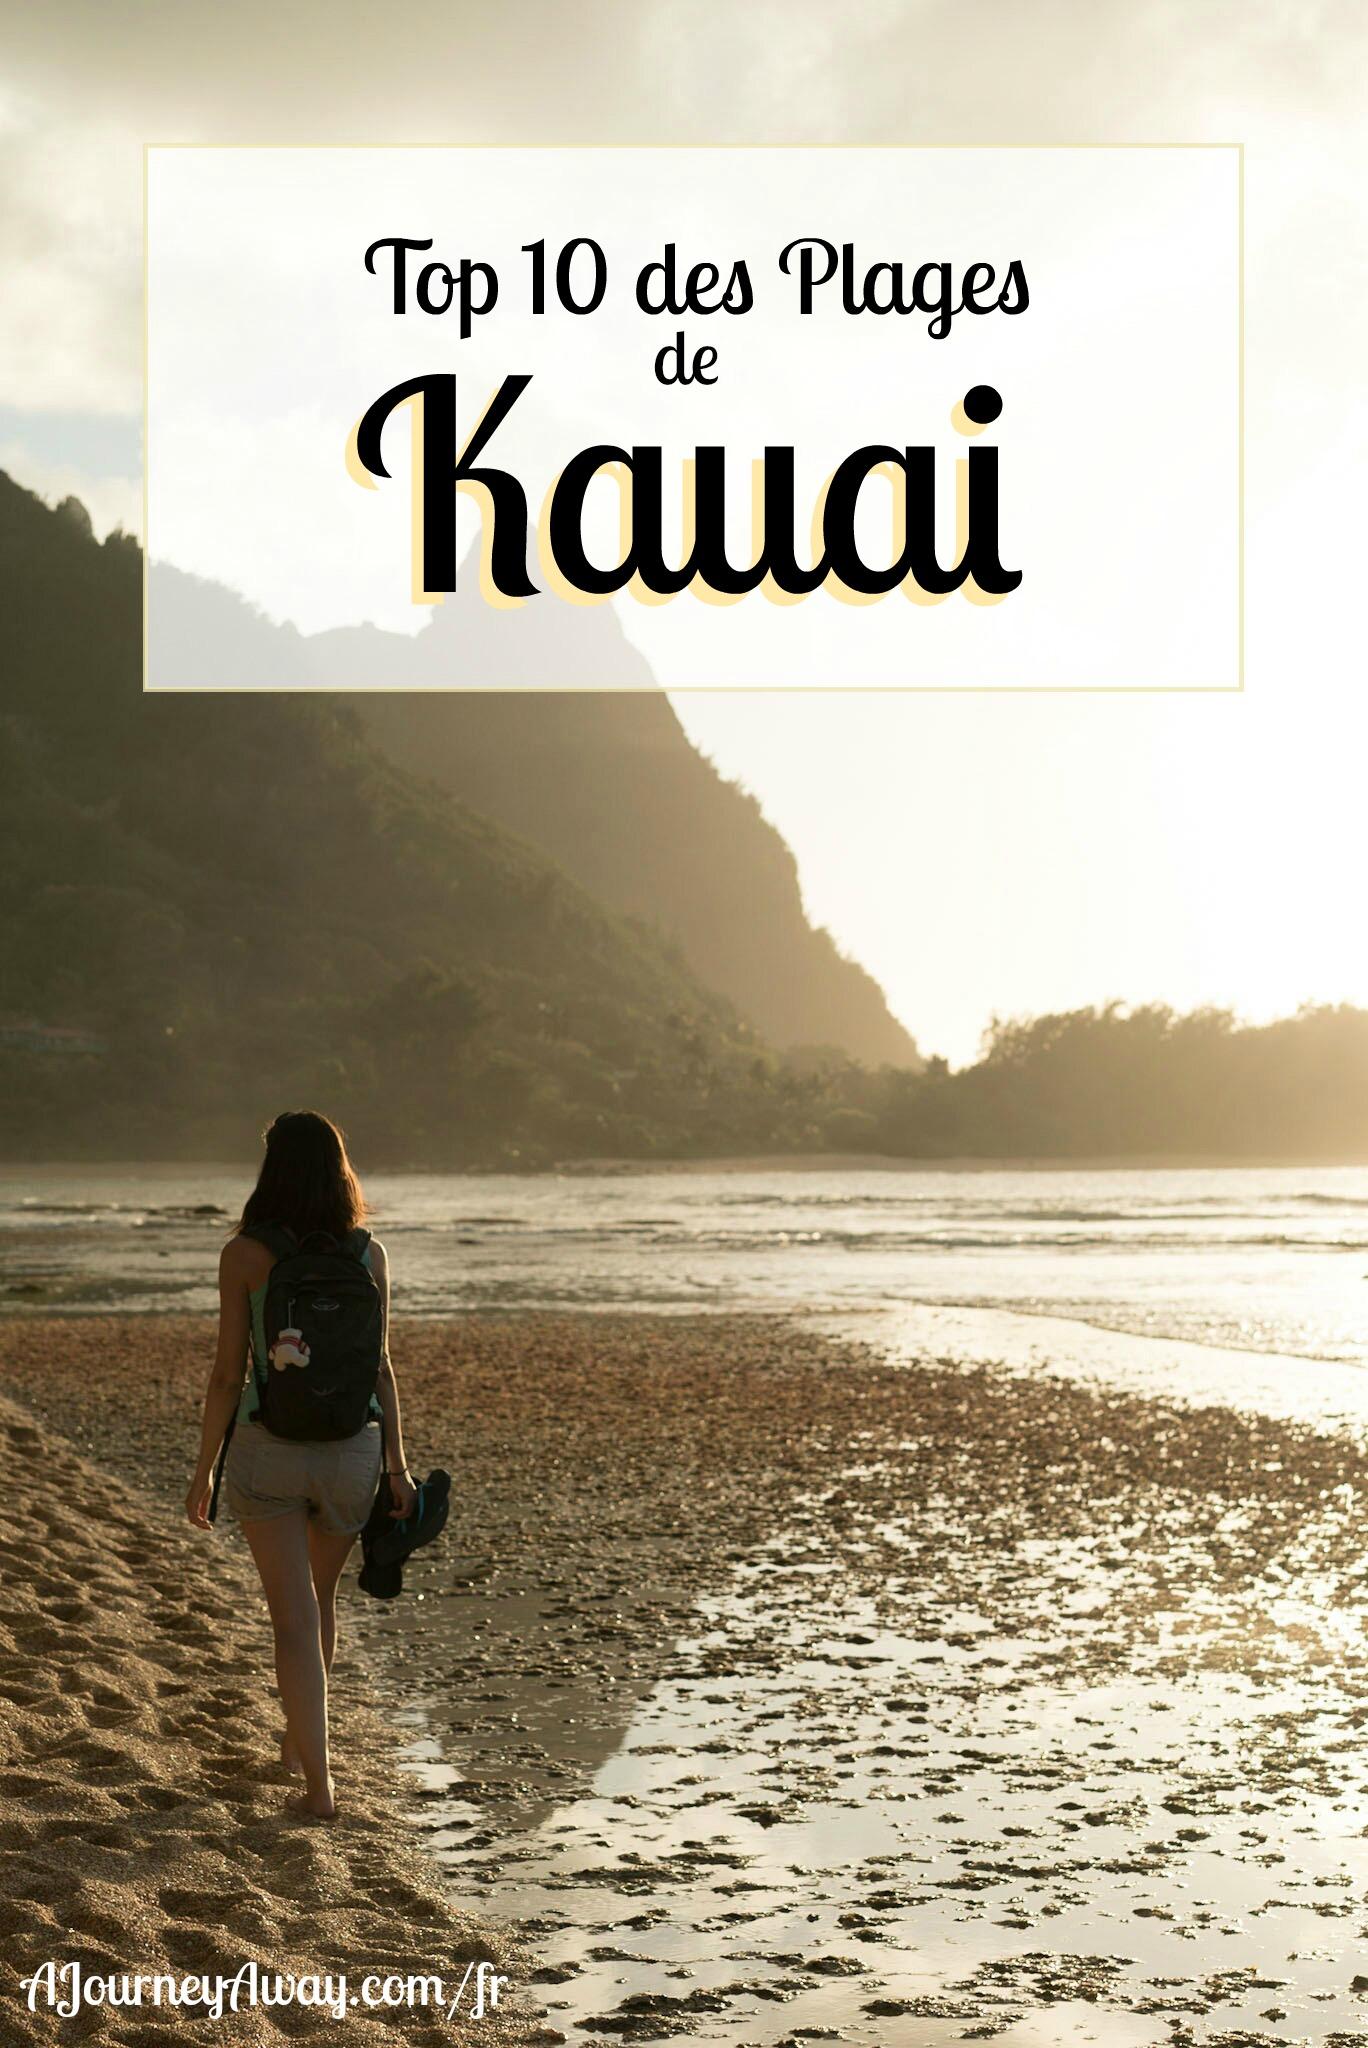 Les plus belles plages de Kauai, Hawaï - Blog voyage A Journey Away